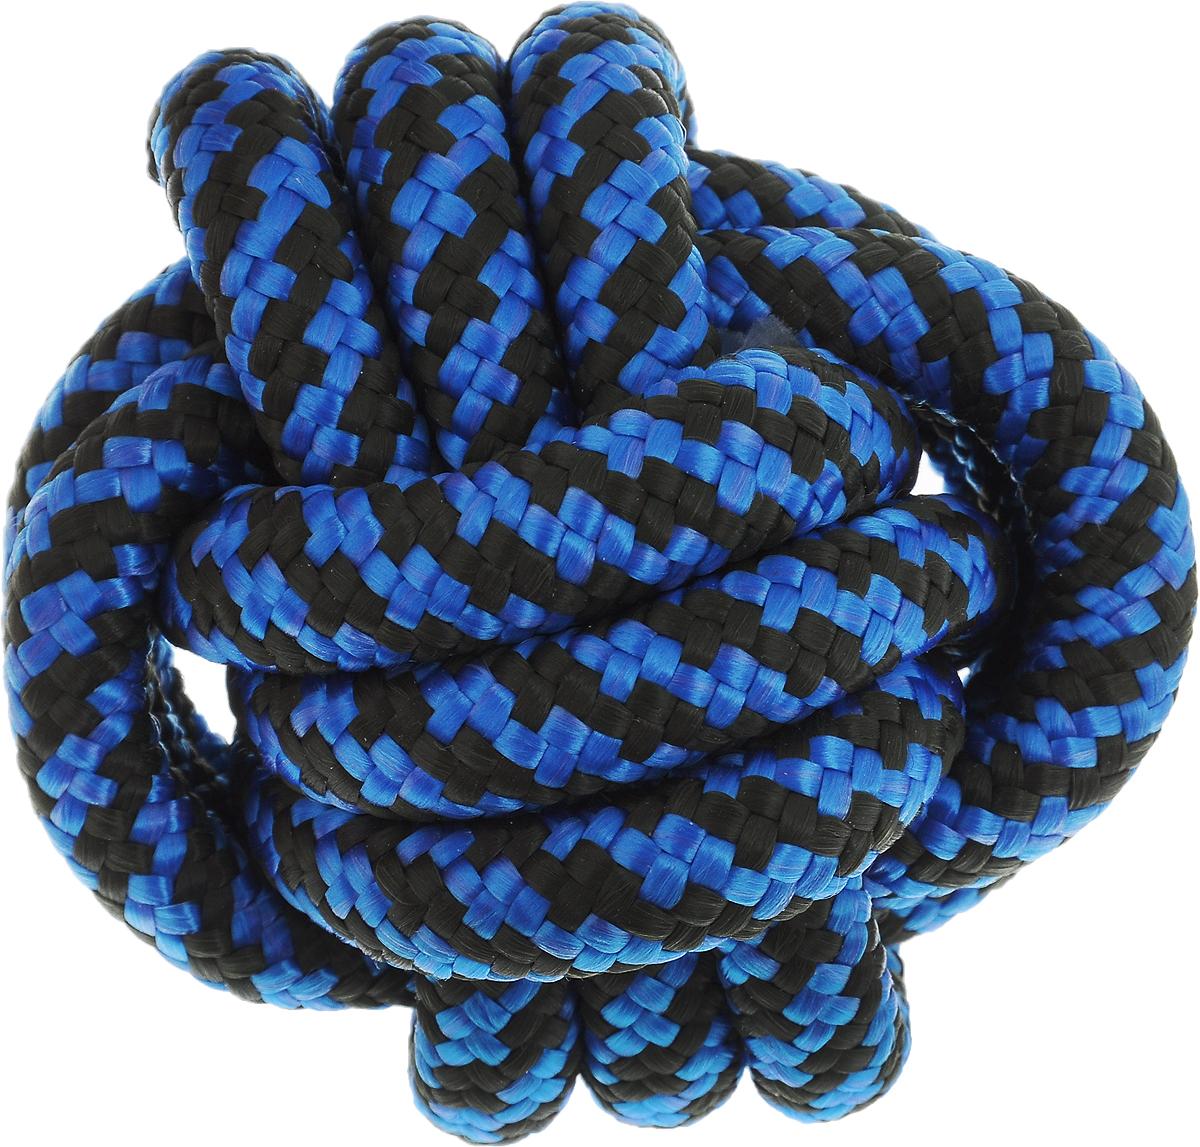 Игрушка для собак Zoobaloo Кулак обезьяны, цвет: синий, серый, диаметр 10 см435_синий, серыйИгрушка для собак Zoobaloo Кулак обезьяны изготовлена из экологически чистых материалов. Изделие очень твердое и прочное и может выдержать много часов игры. Это идеальная игрушка для бросков. Она обязательно понравится тем собакам, которые любят носить игрушки в зубах, и станет отличной заменой косточке.Диаметр игрушки: 10 см.